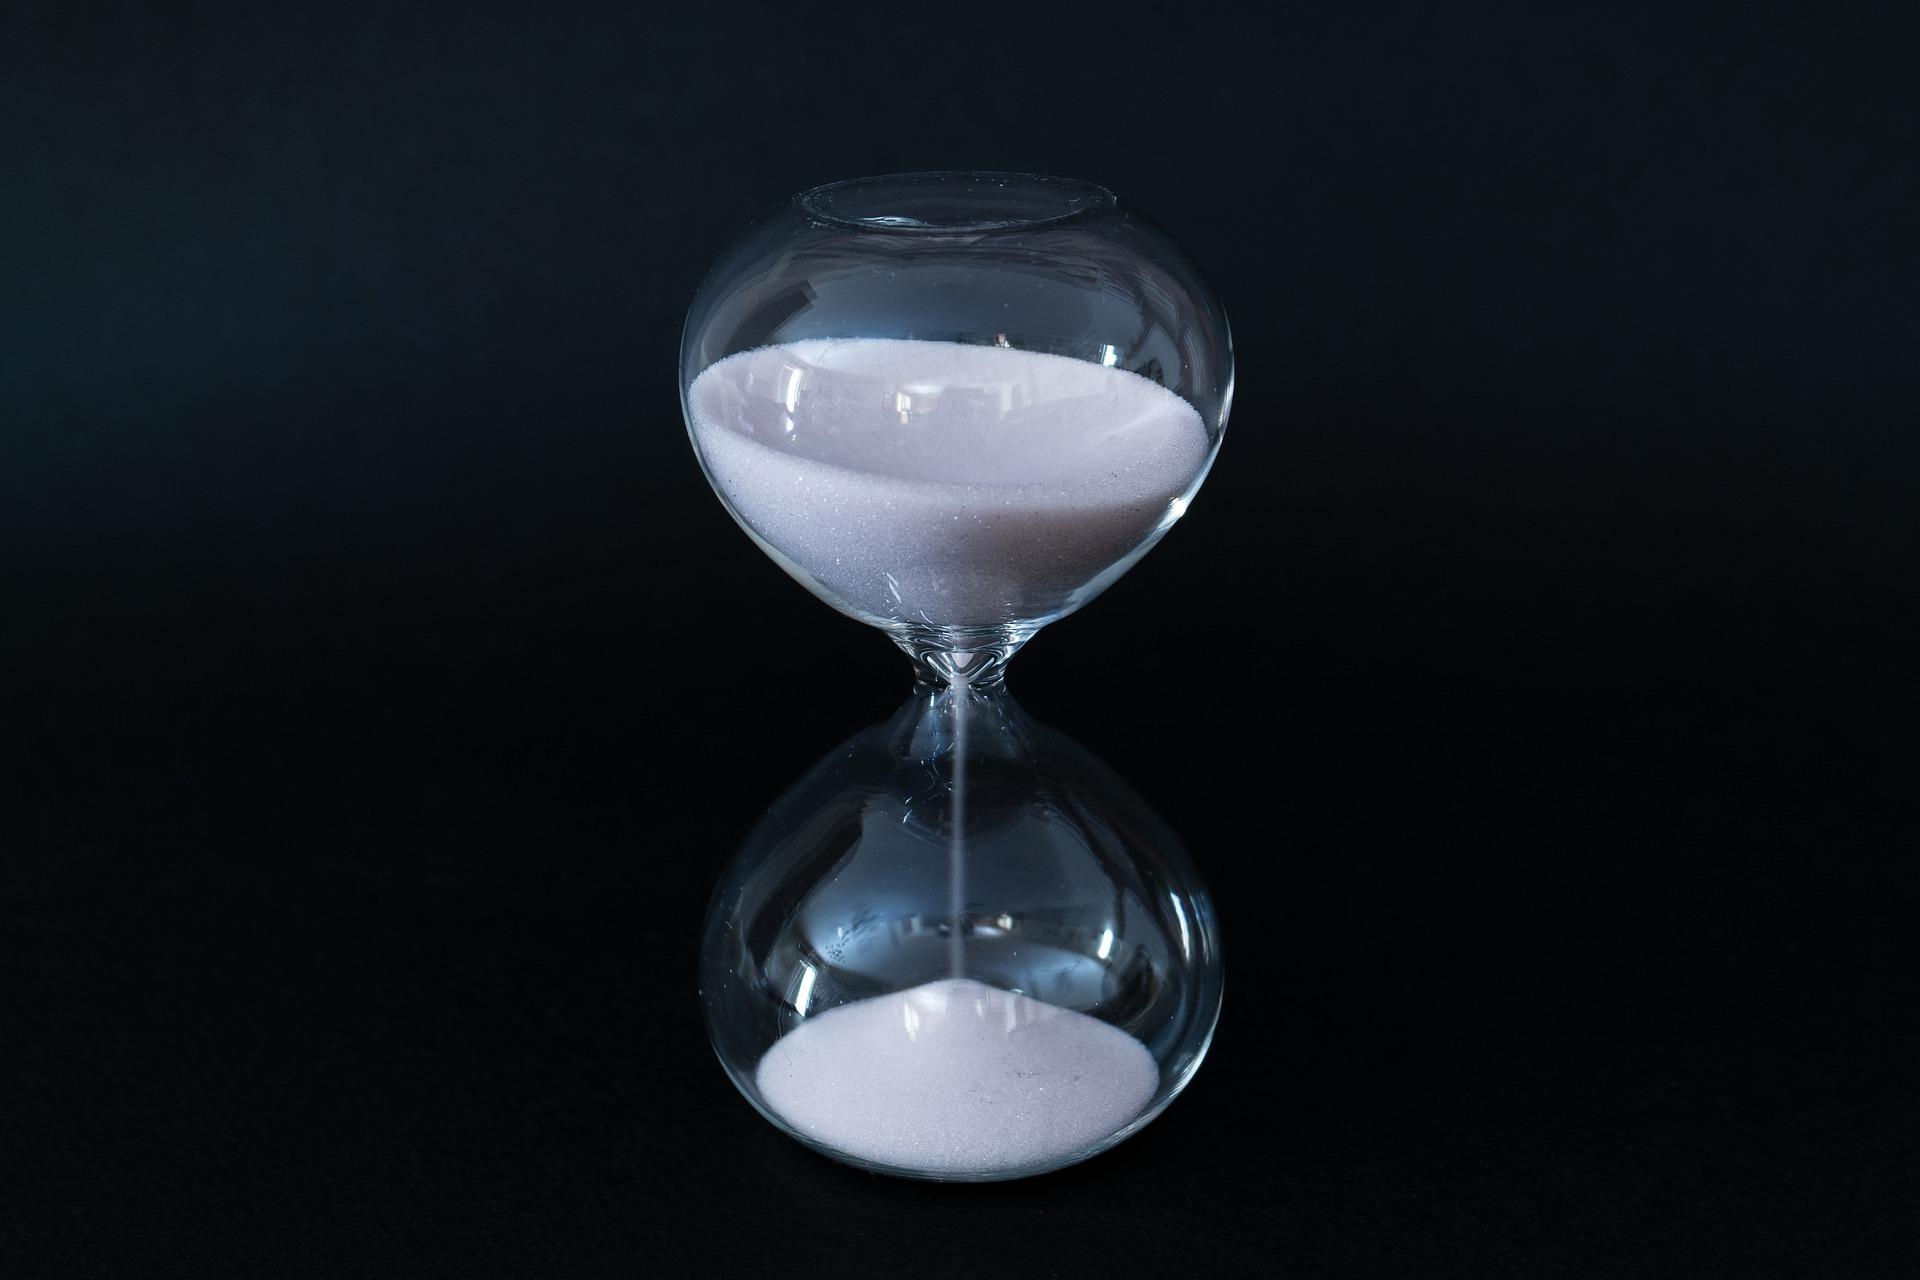 Jetzt oder später - Die Uhrzeit auf meinegeschichten.de